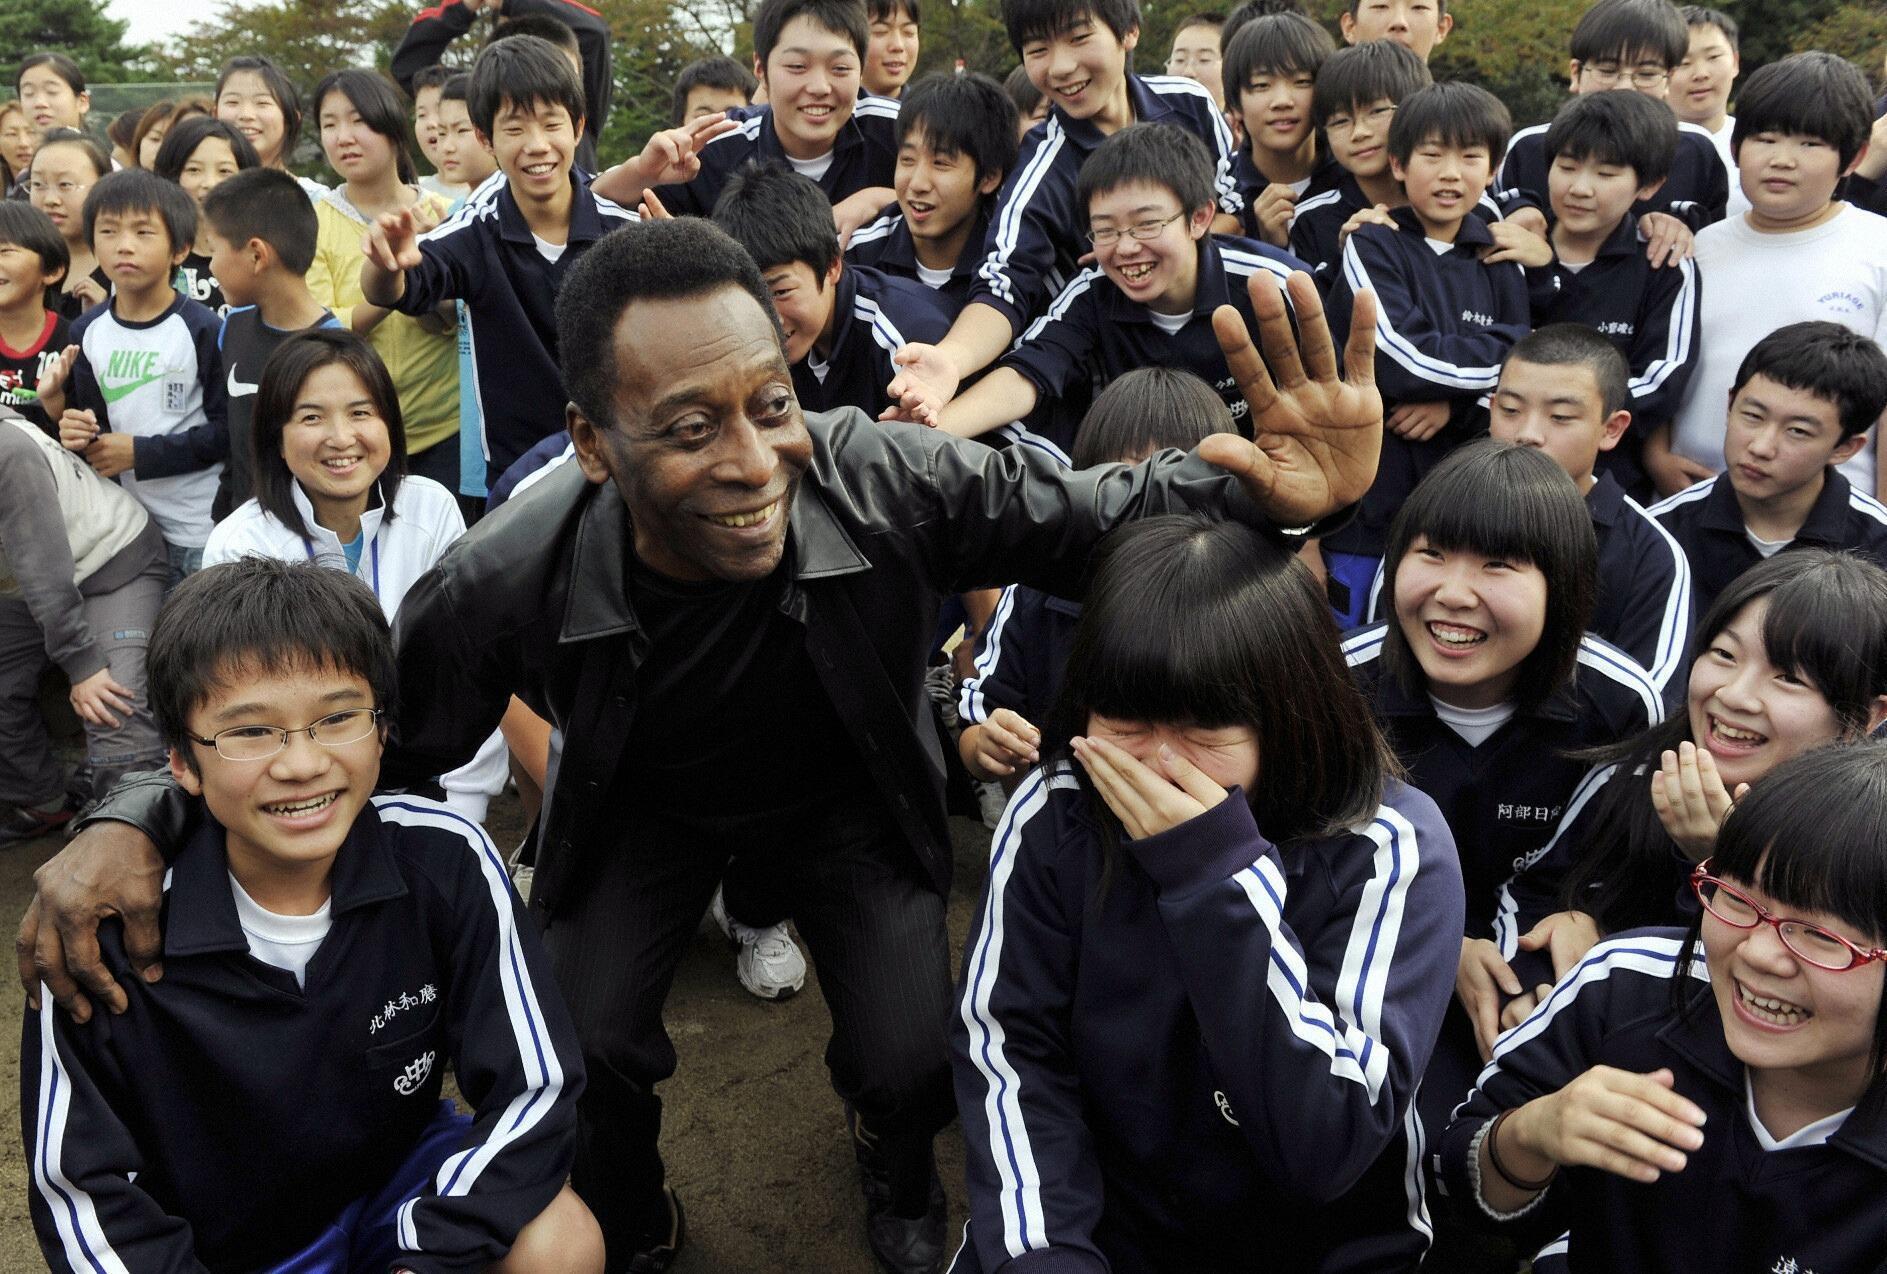 Pelé distribuiu autógrafos durante sua visita a escola em Natori, no Japão.